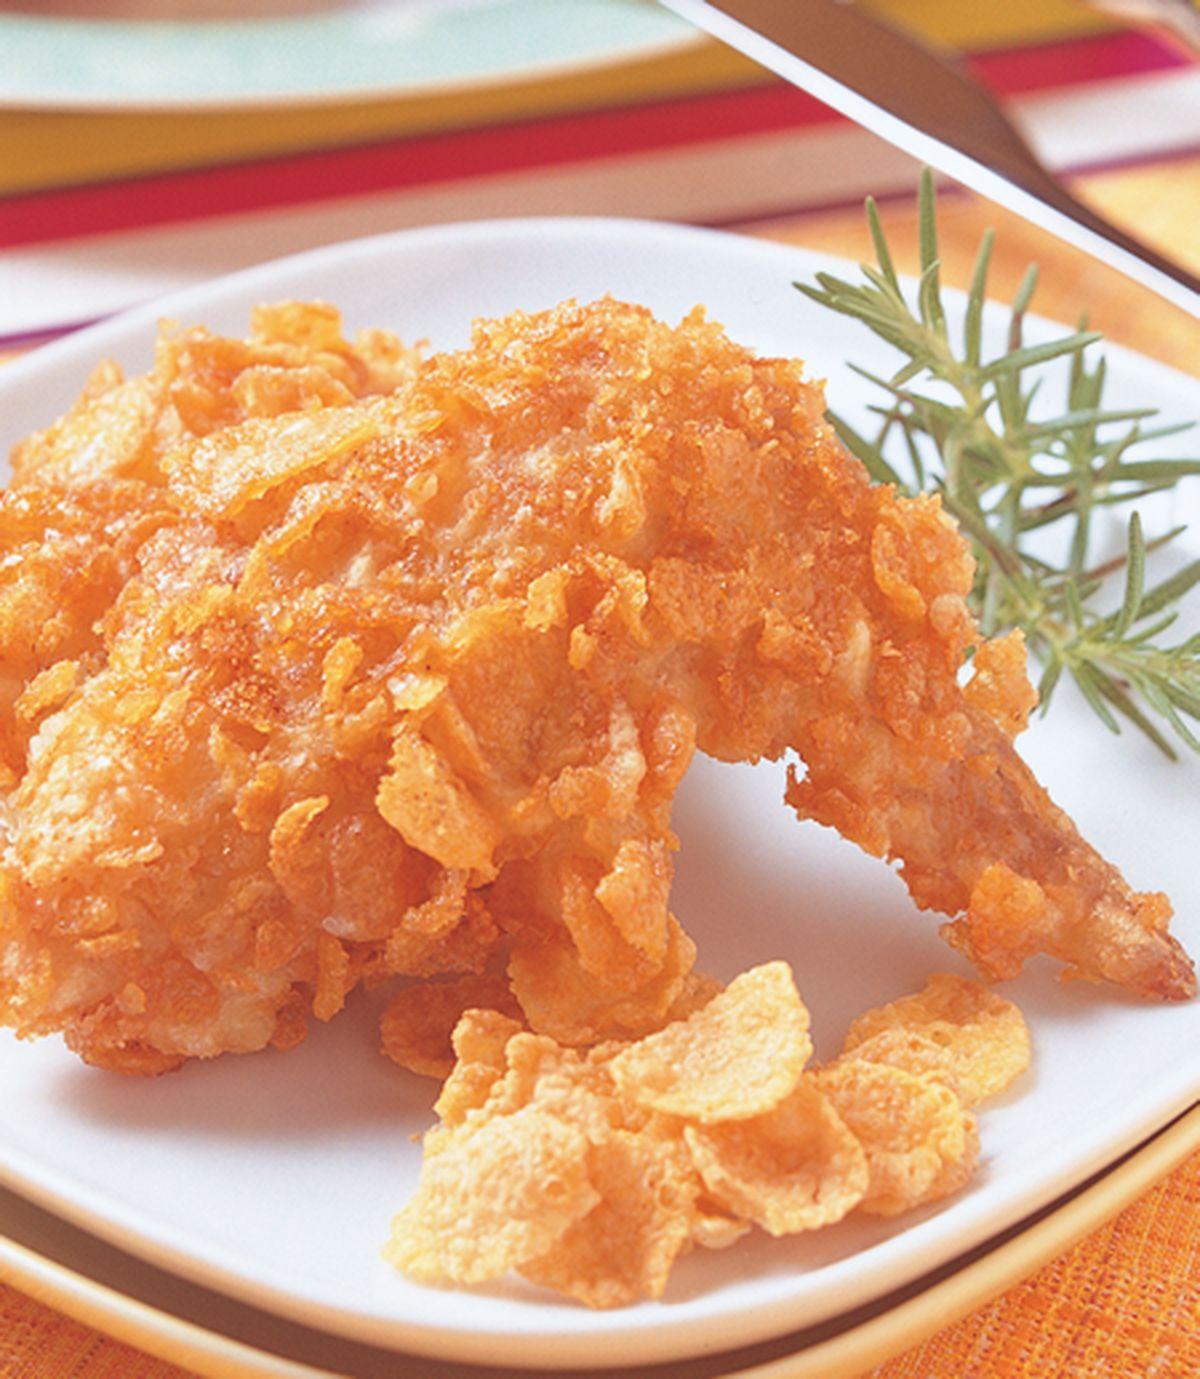 食譜:玉米片辣味炸雞翅